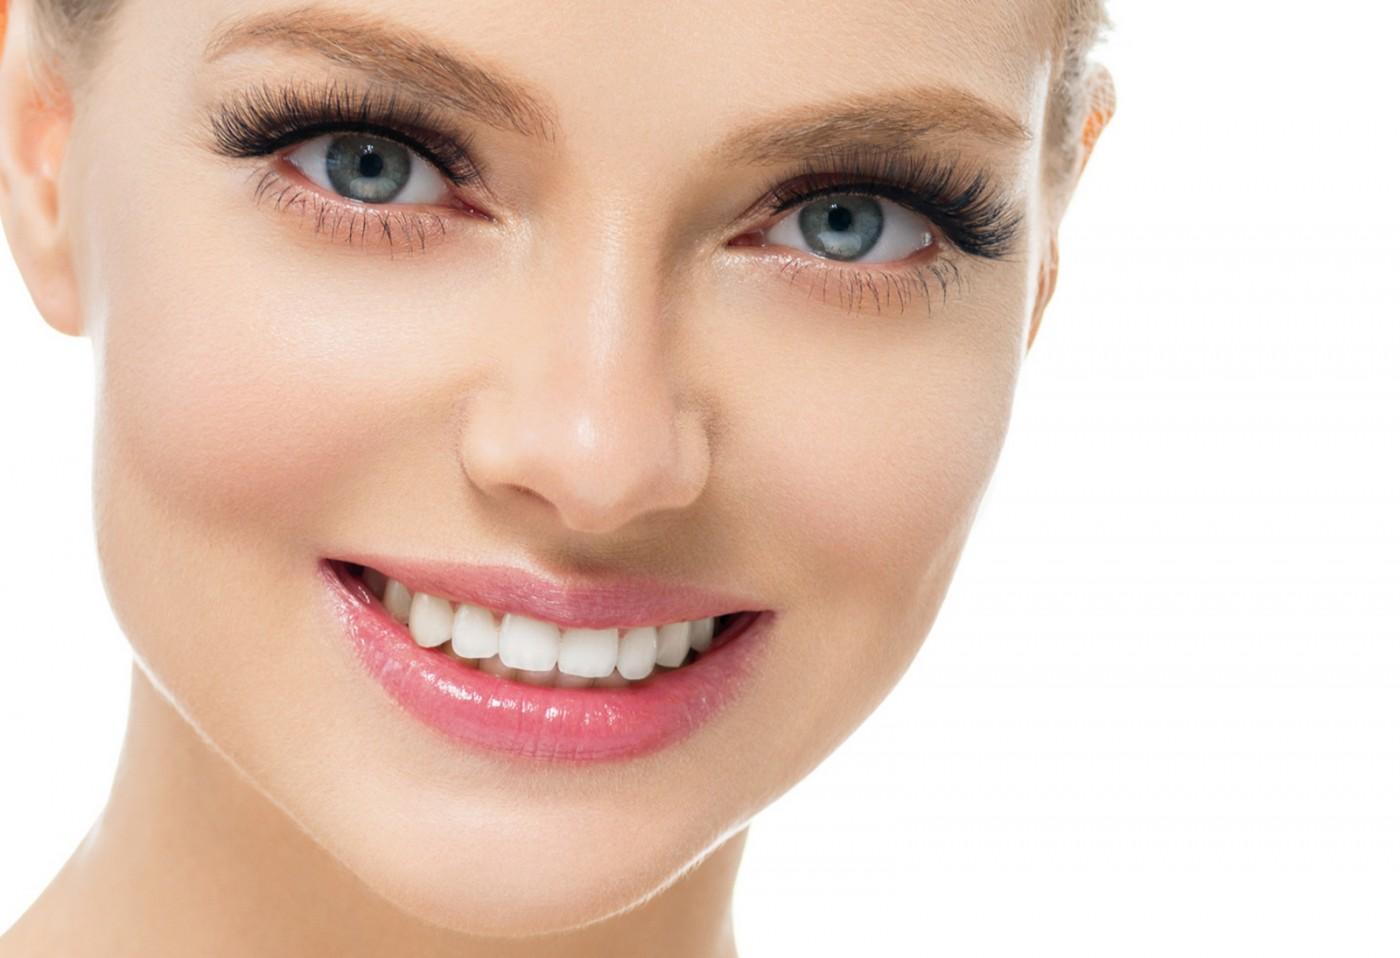 Ce are deosebit albirea dentară laser. Stomatologia secolului 21 .